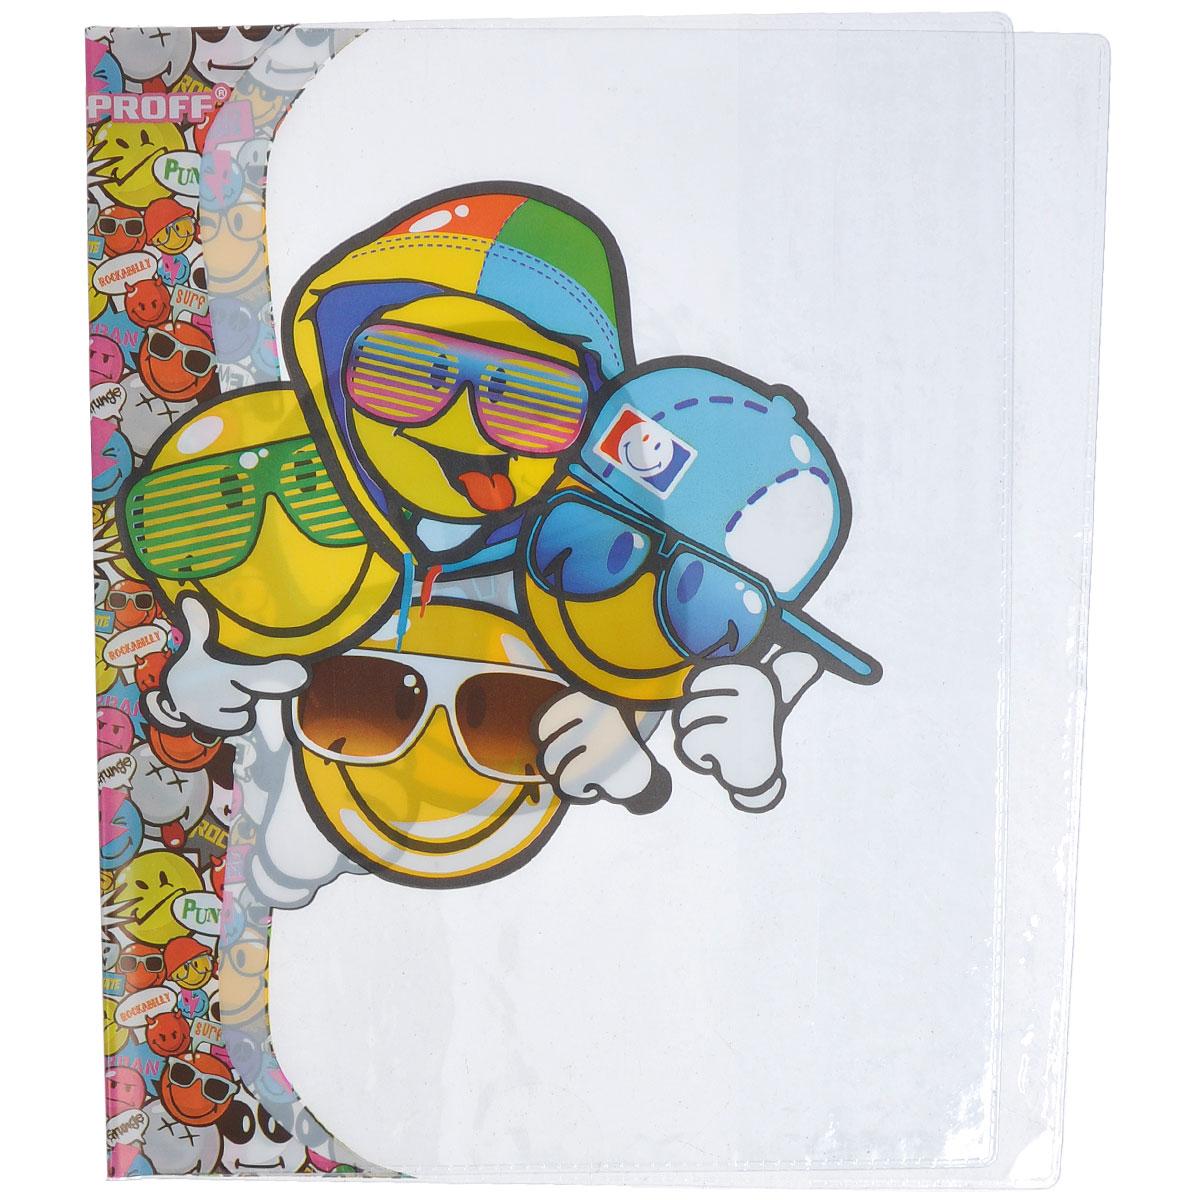 Набор обложек для тетрадей и дневников Proff Smiley, 35,5 см х 21 см, 6 штSM14-TBSL1Прозрачная обложка Proff Smiley защитит поверхность тетради или дневника от изнашивания и загрязнений. Она выполнена из прочного ПВХ и оформлена изображениями забавных смайликов. В набор входят 6 обложек.